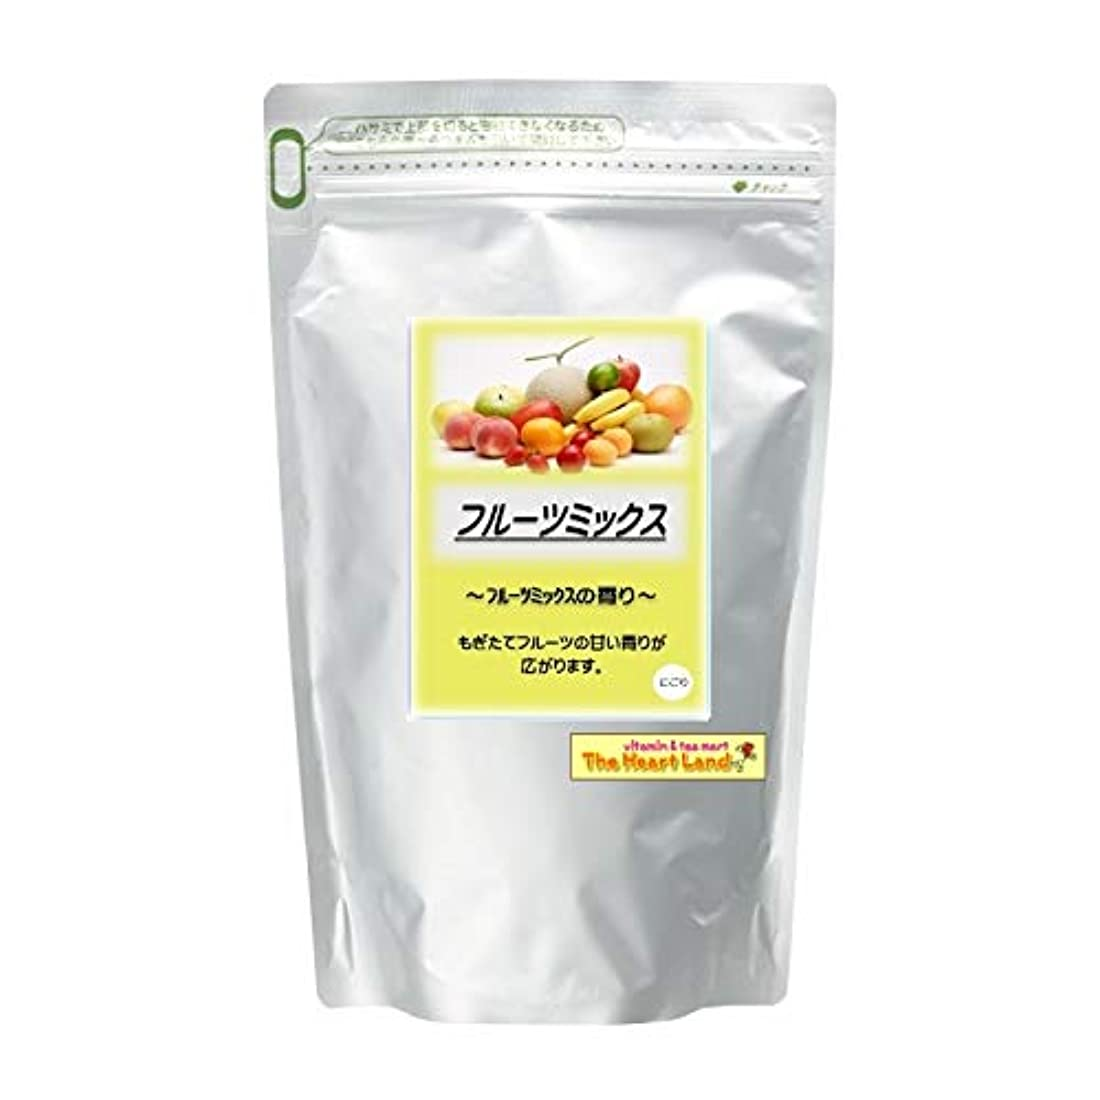 リスキーなアレイ踊り子アサヒ入浴剤 浴用入浴化粧品 フルーツミックス 2.5kg